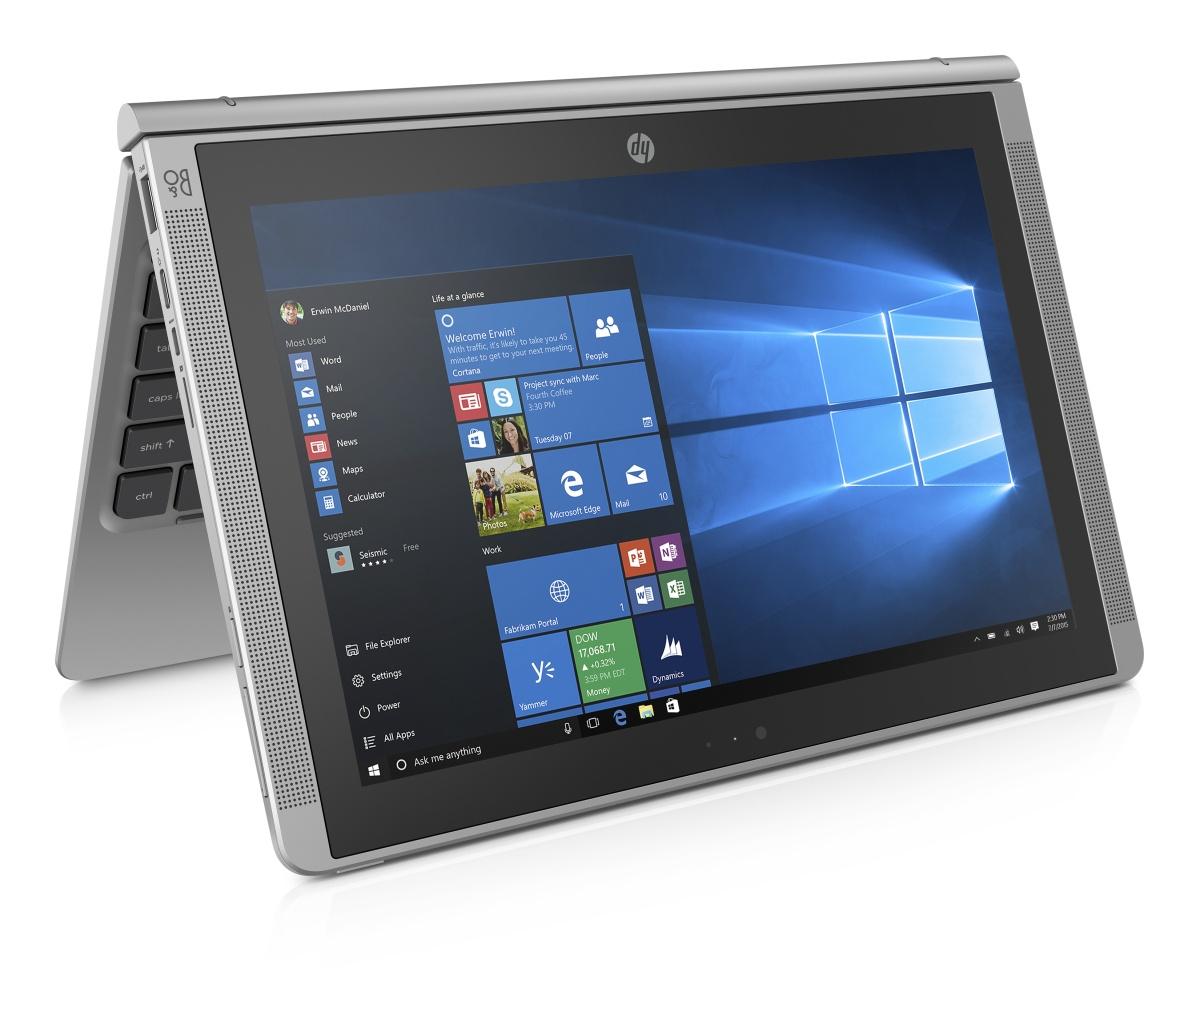 """HP x2 210 G1 Z8300/10.1"""" HD (1280x800)/4GB/64GB/ac, BT/kbd/Win 10 Pro 64"""